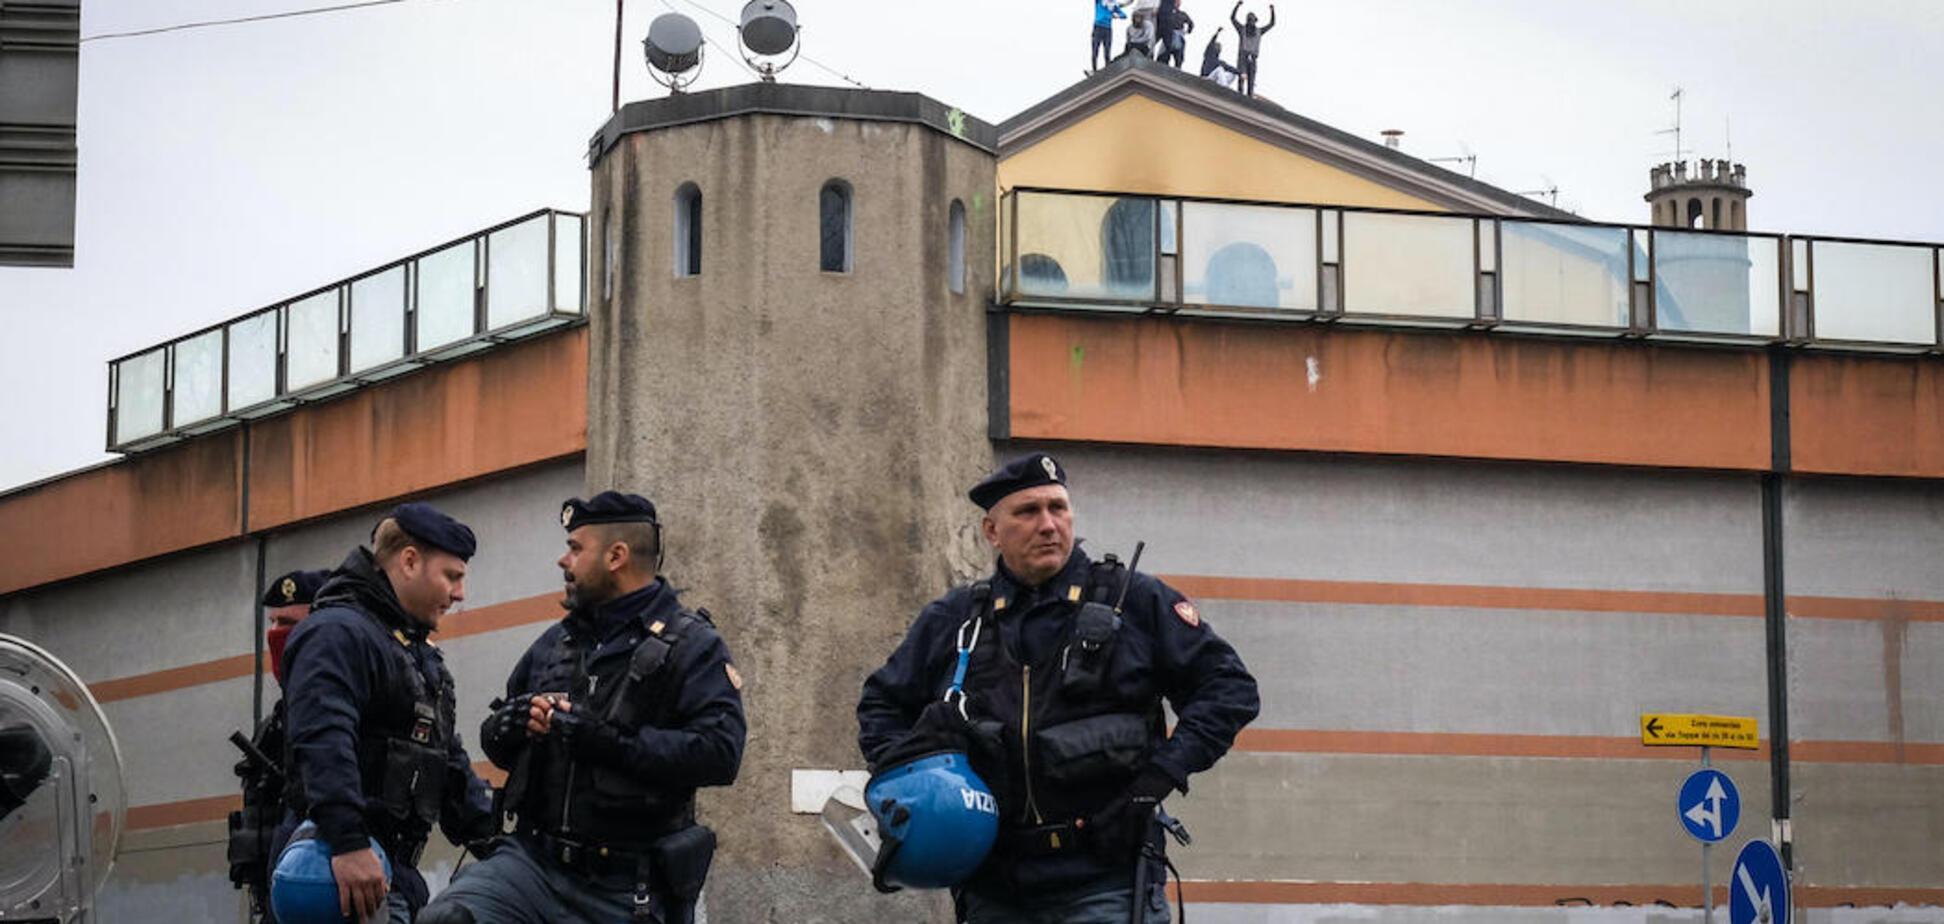 У в'язницях Італії спалахнули бунти через коронавірус: є жертви